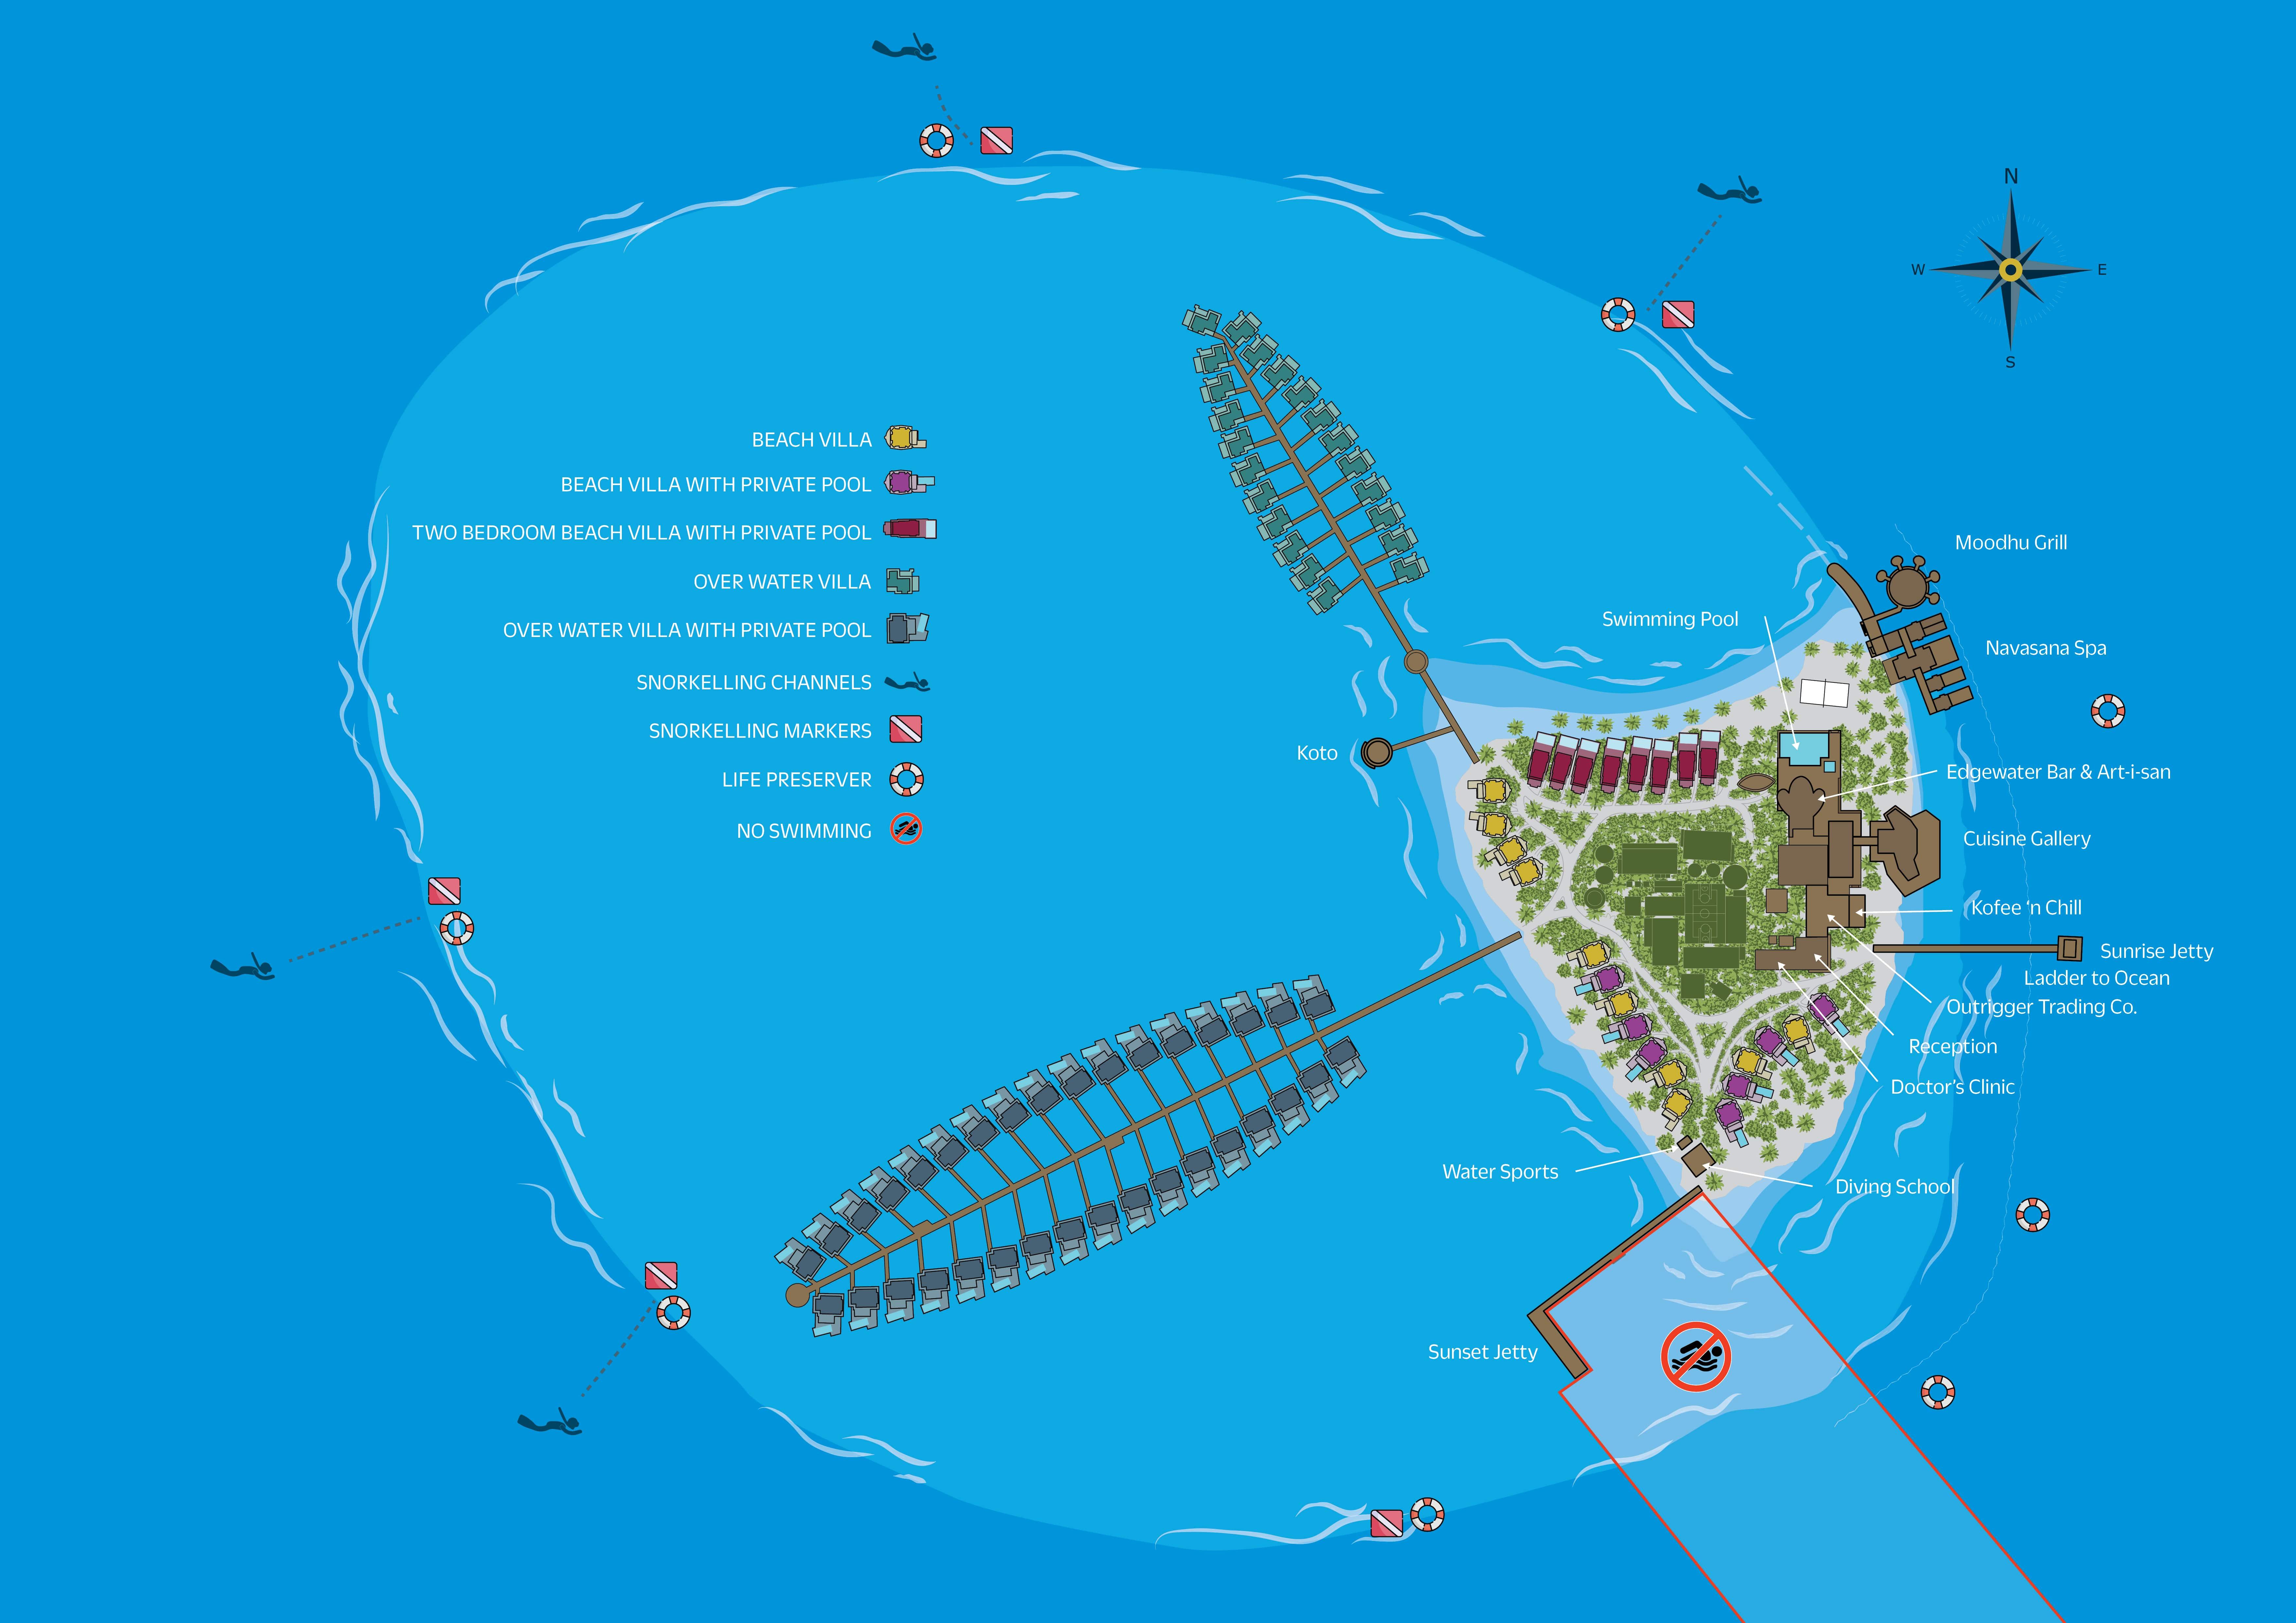 mappa Maafushivaru Maldive, Map Maldives